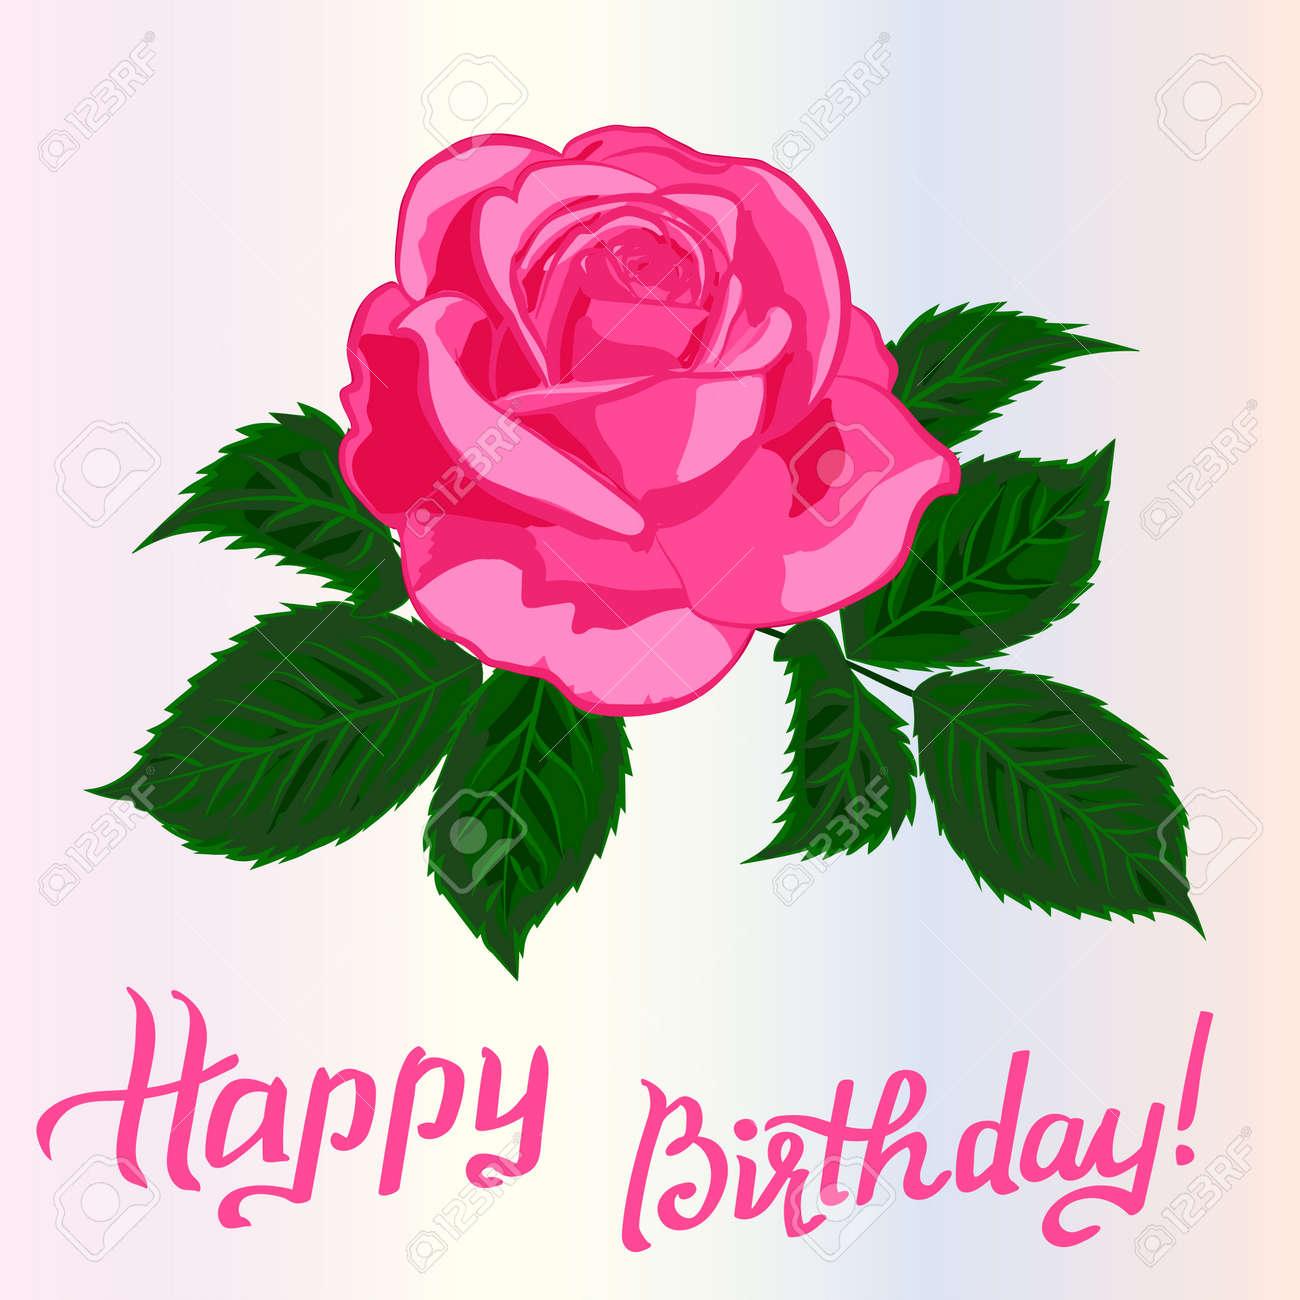 Alles Gute Zum Geburtstag Schriftzug Und RoseGreeting Karte Mit Spass Vektor